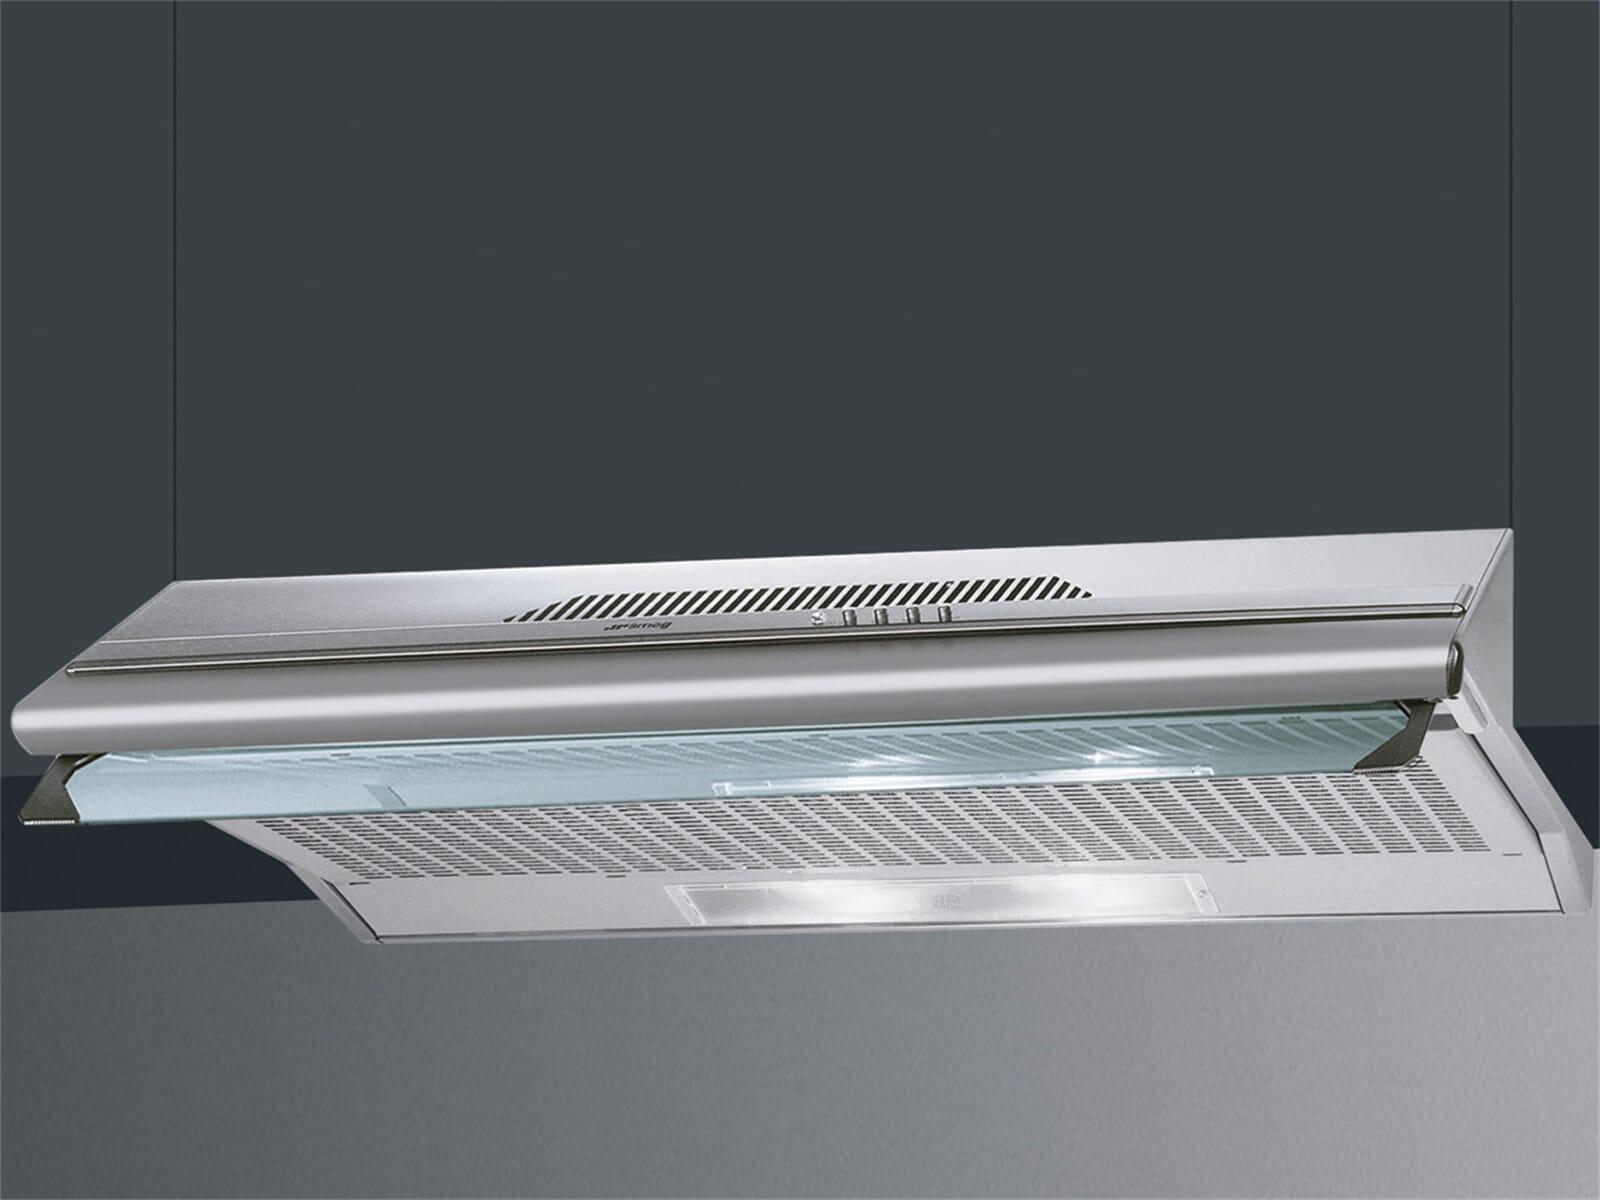 Küchen unterbau steckdosen smeg fr148ap unterbau kühlschrank für